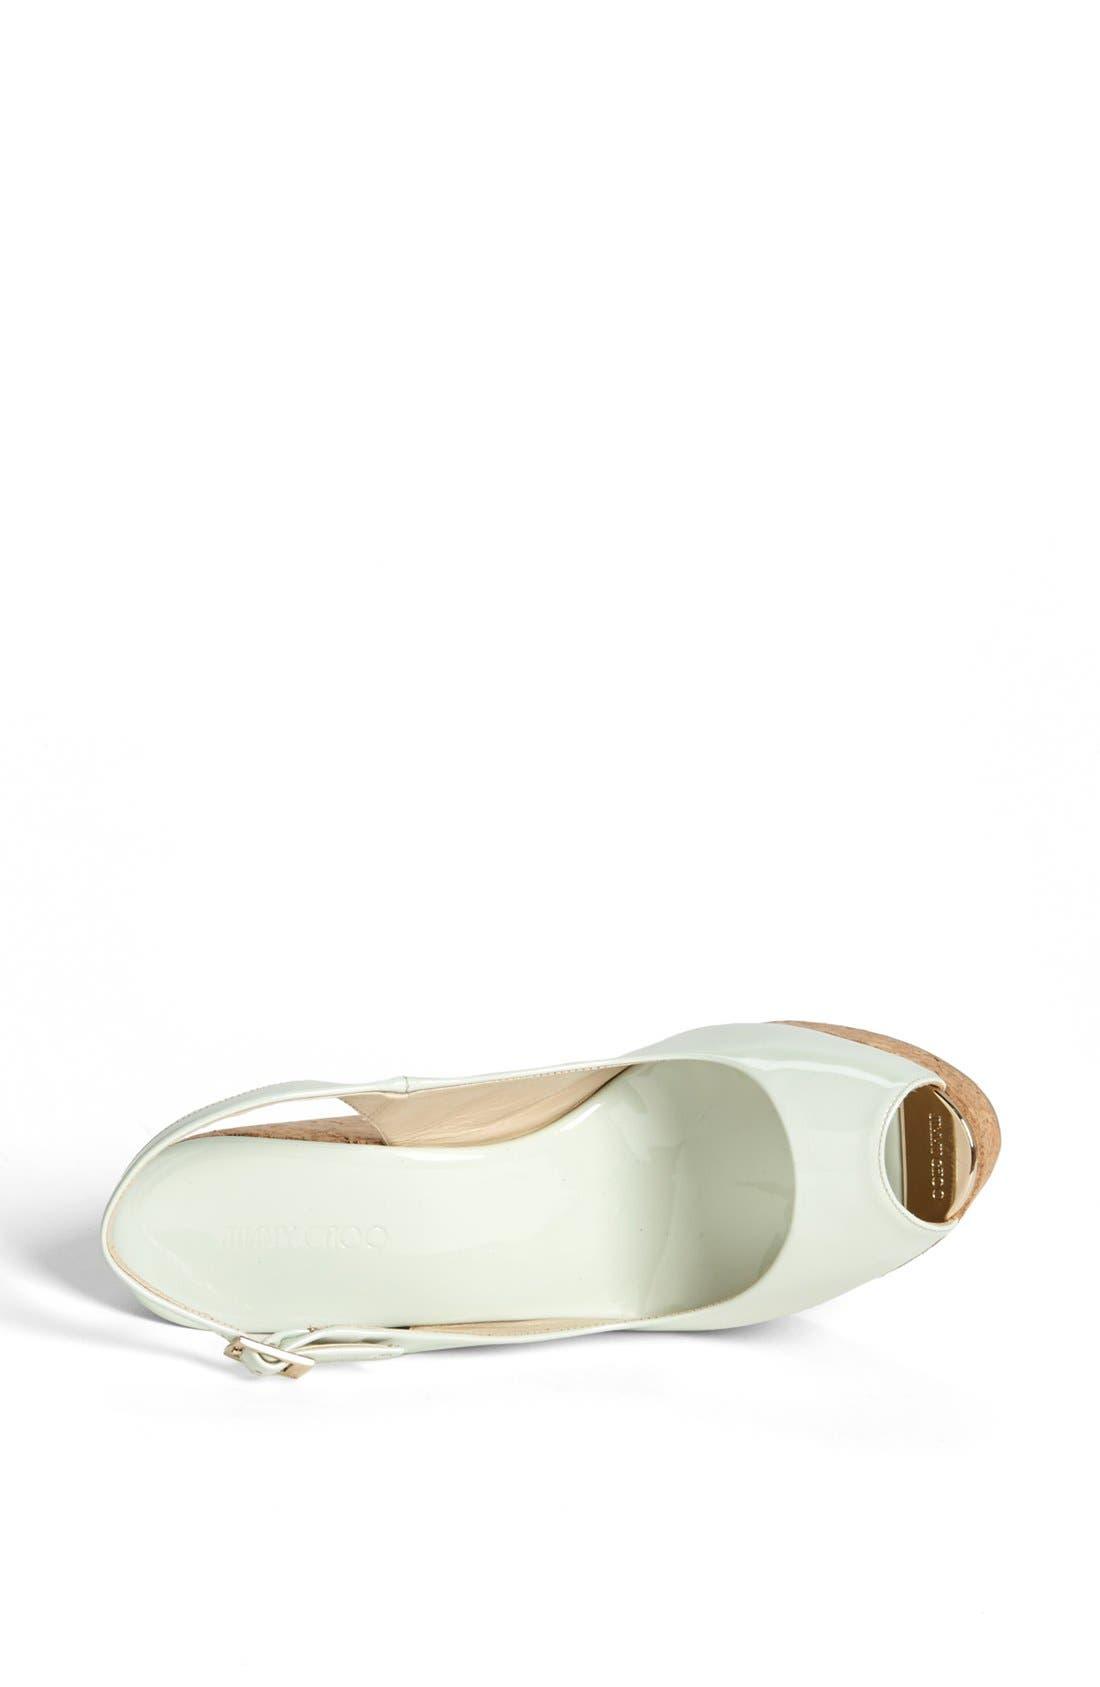 Alternate Image 3  - Jimmy Choo 'Prova' Cork Slingback Wedge Sandal